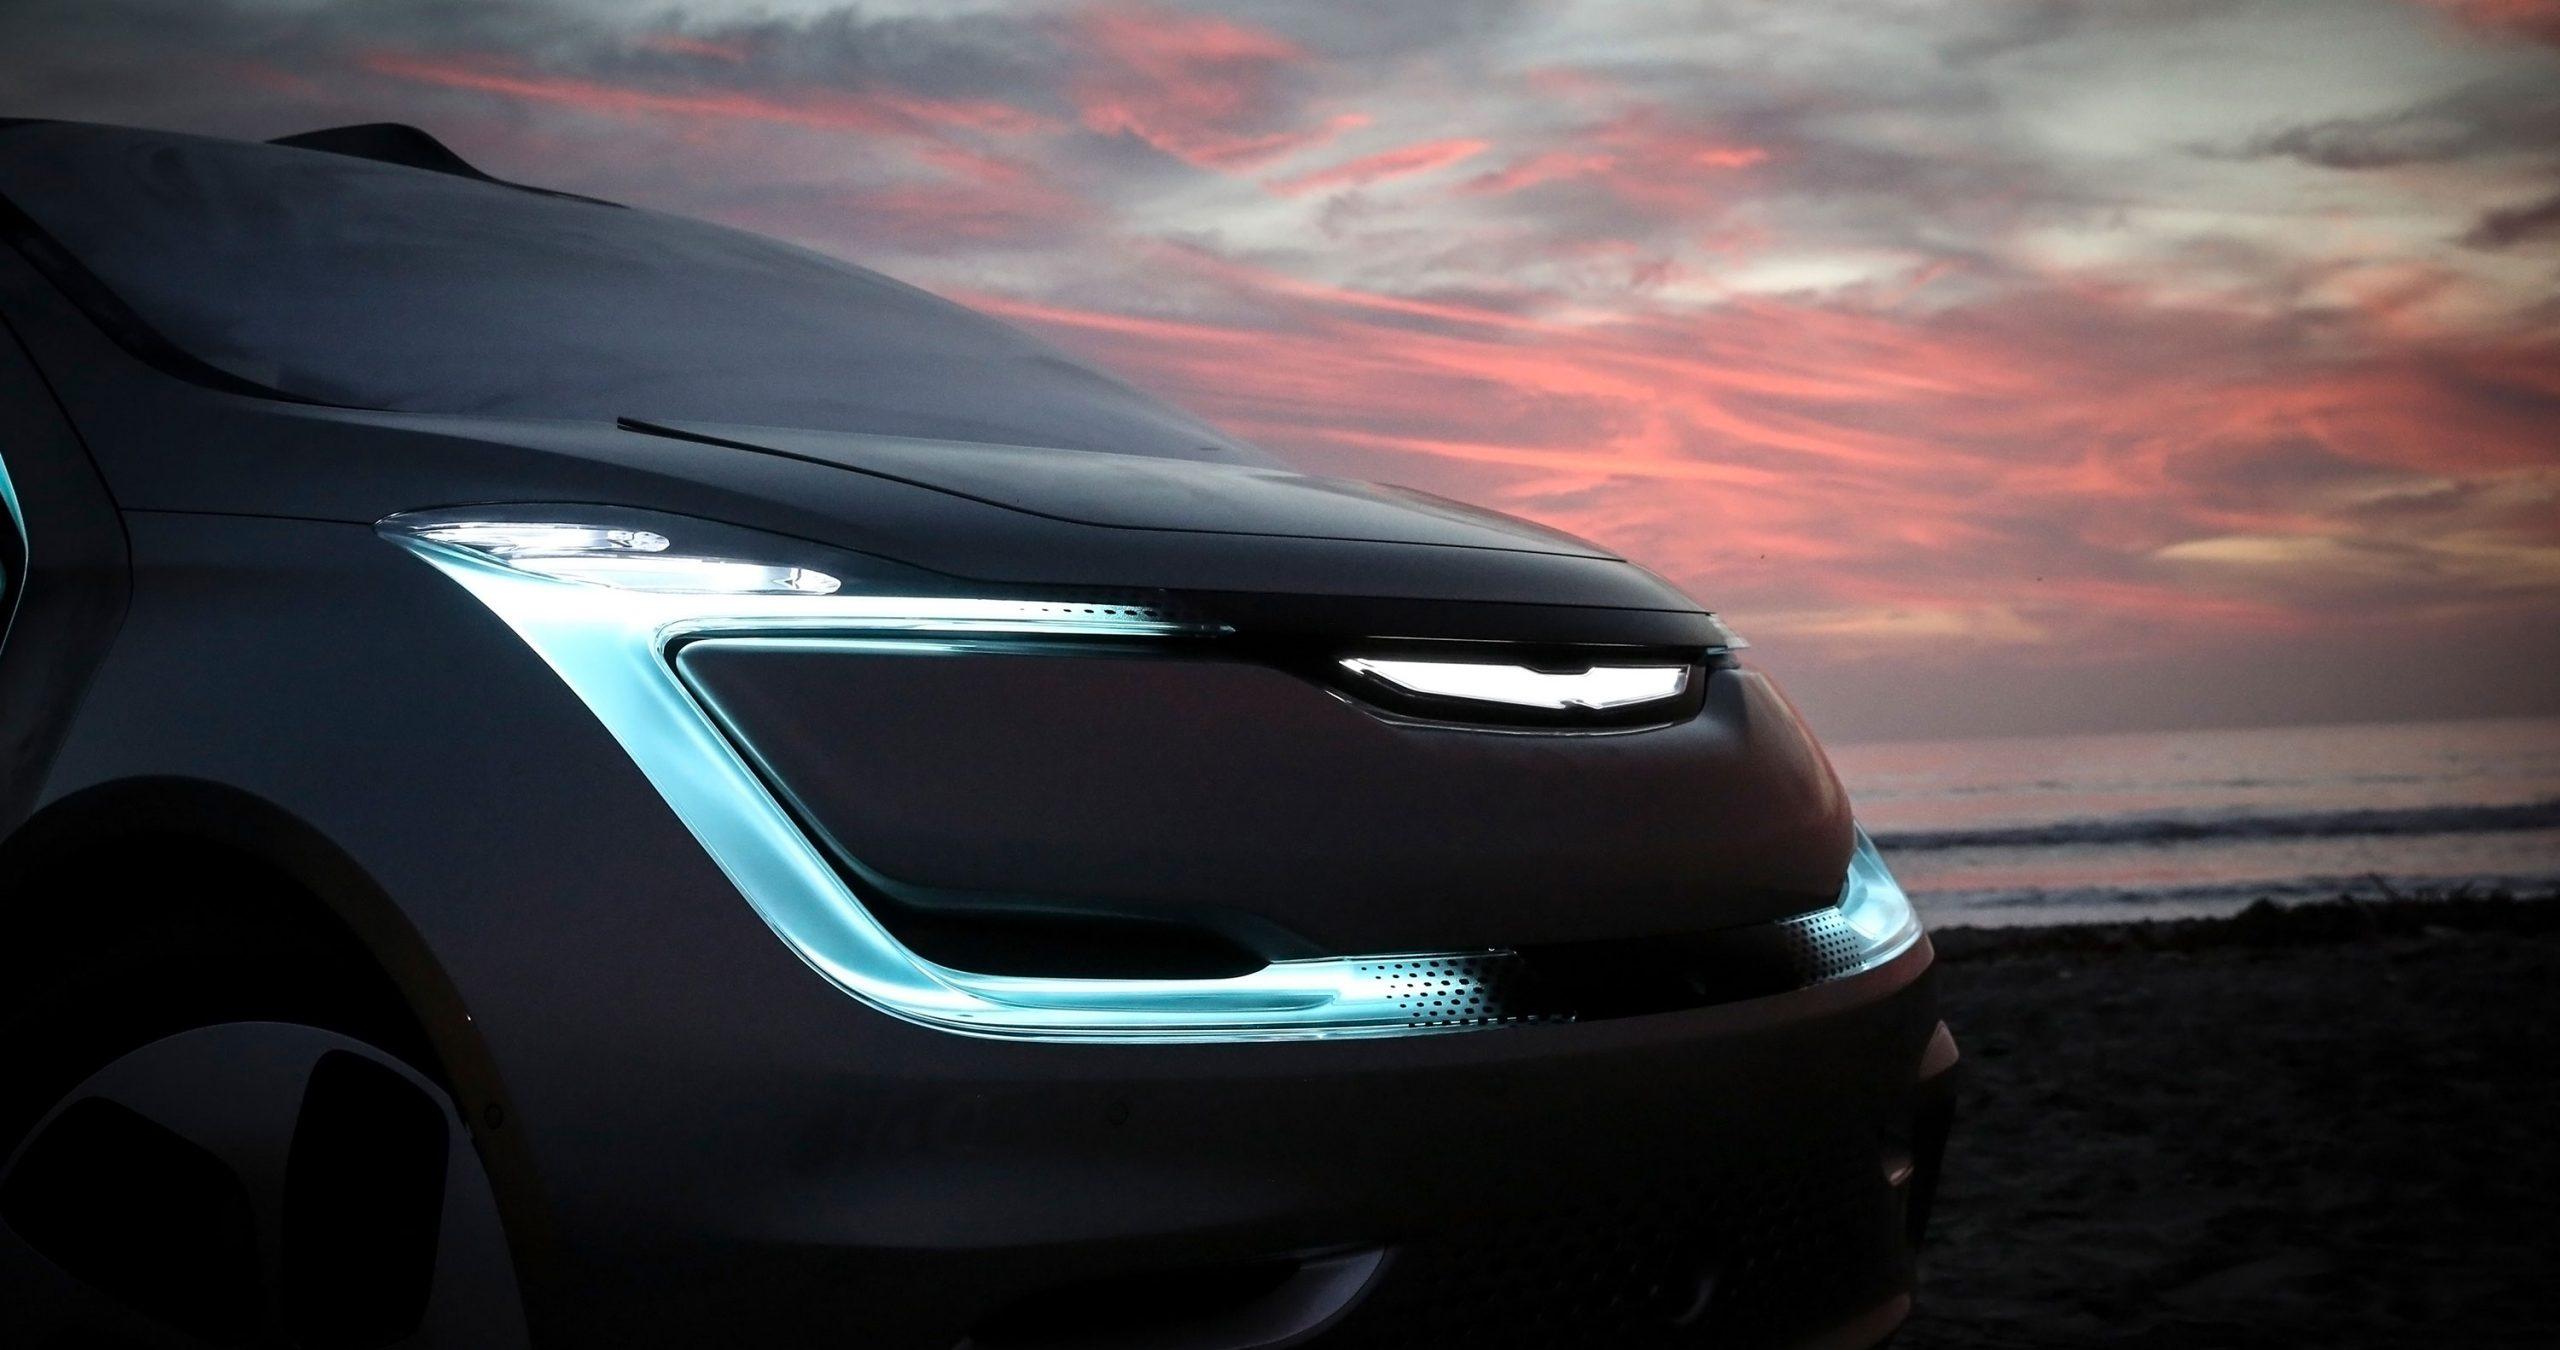 Veículos com conectividade integrada serão a norma até 2025